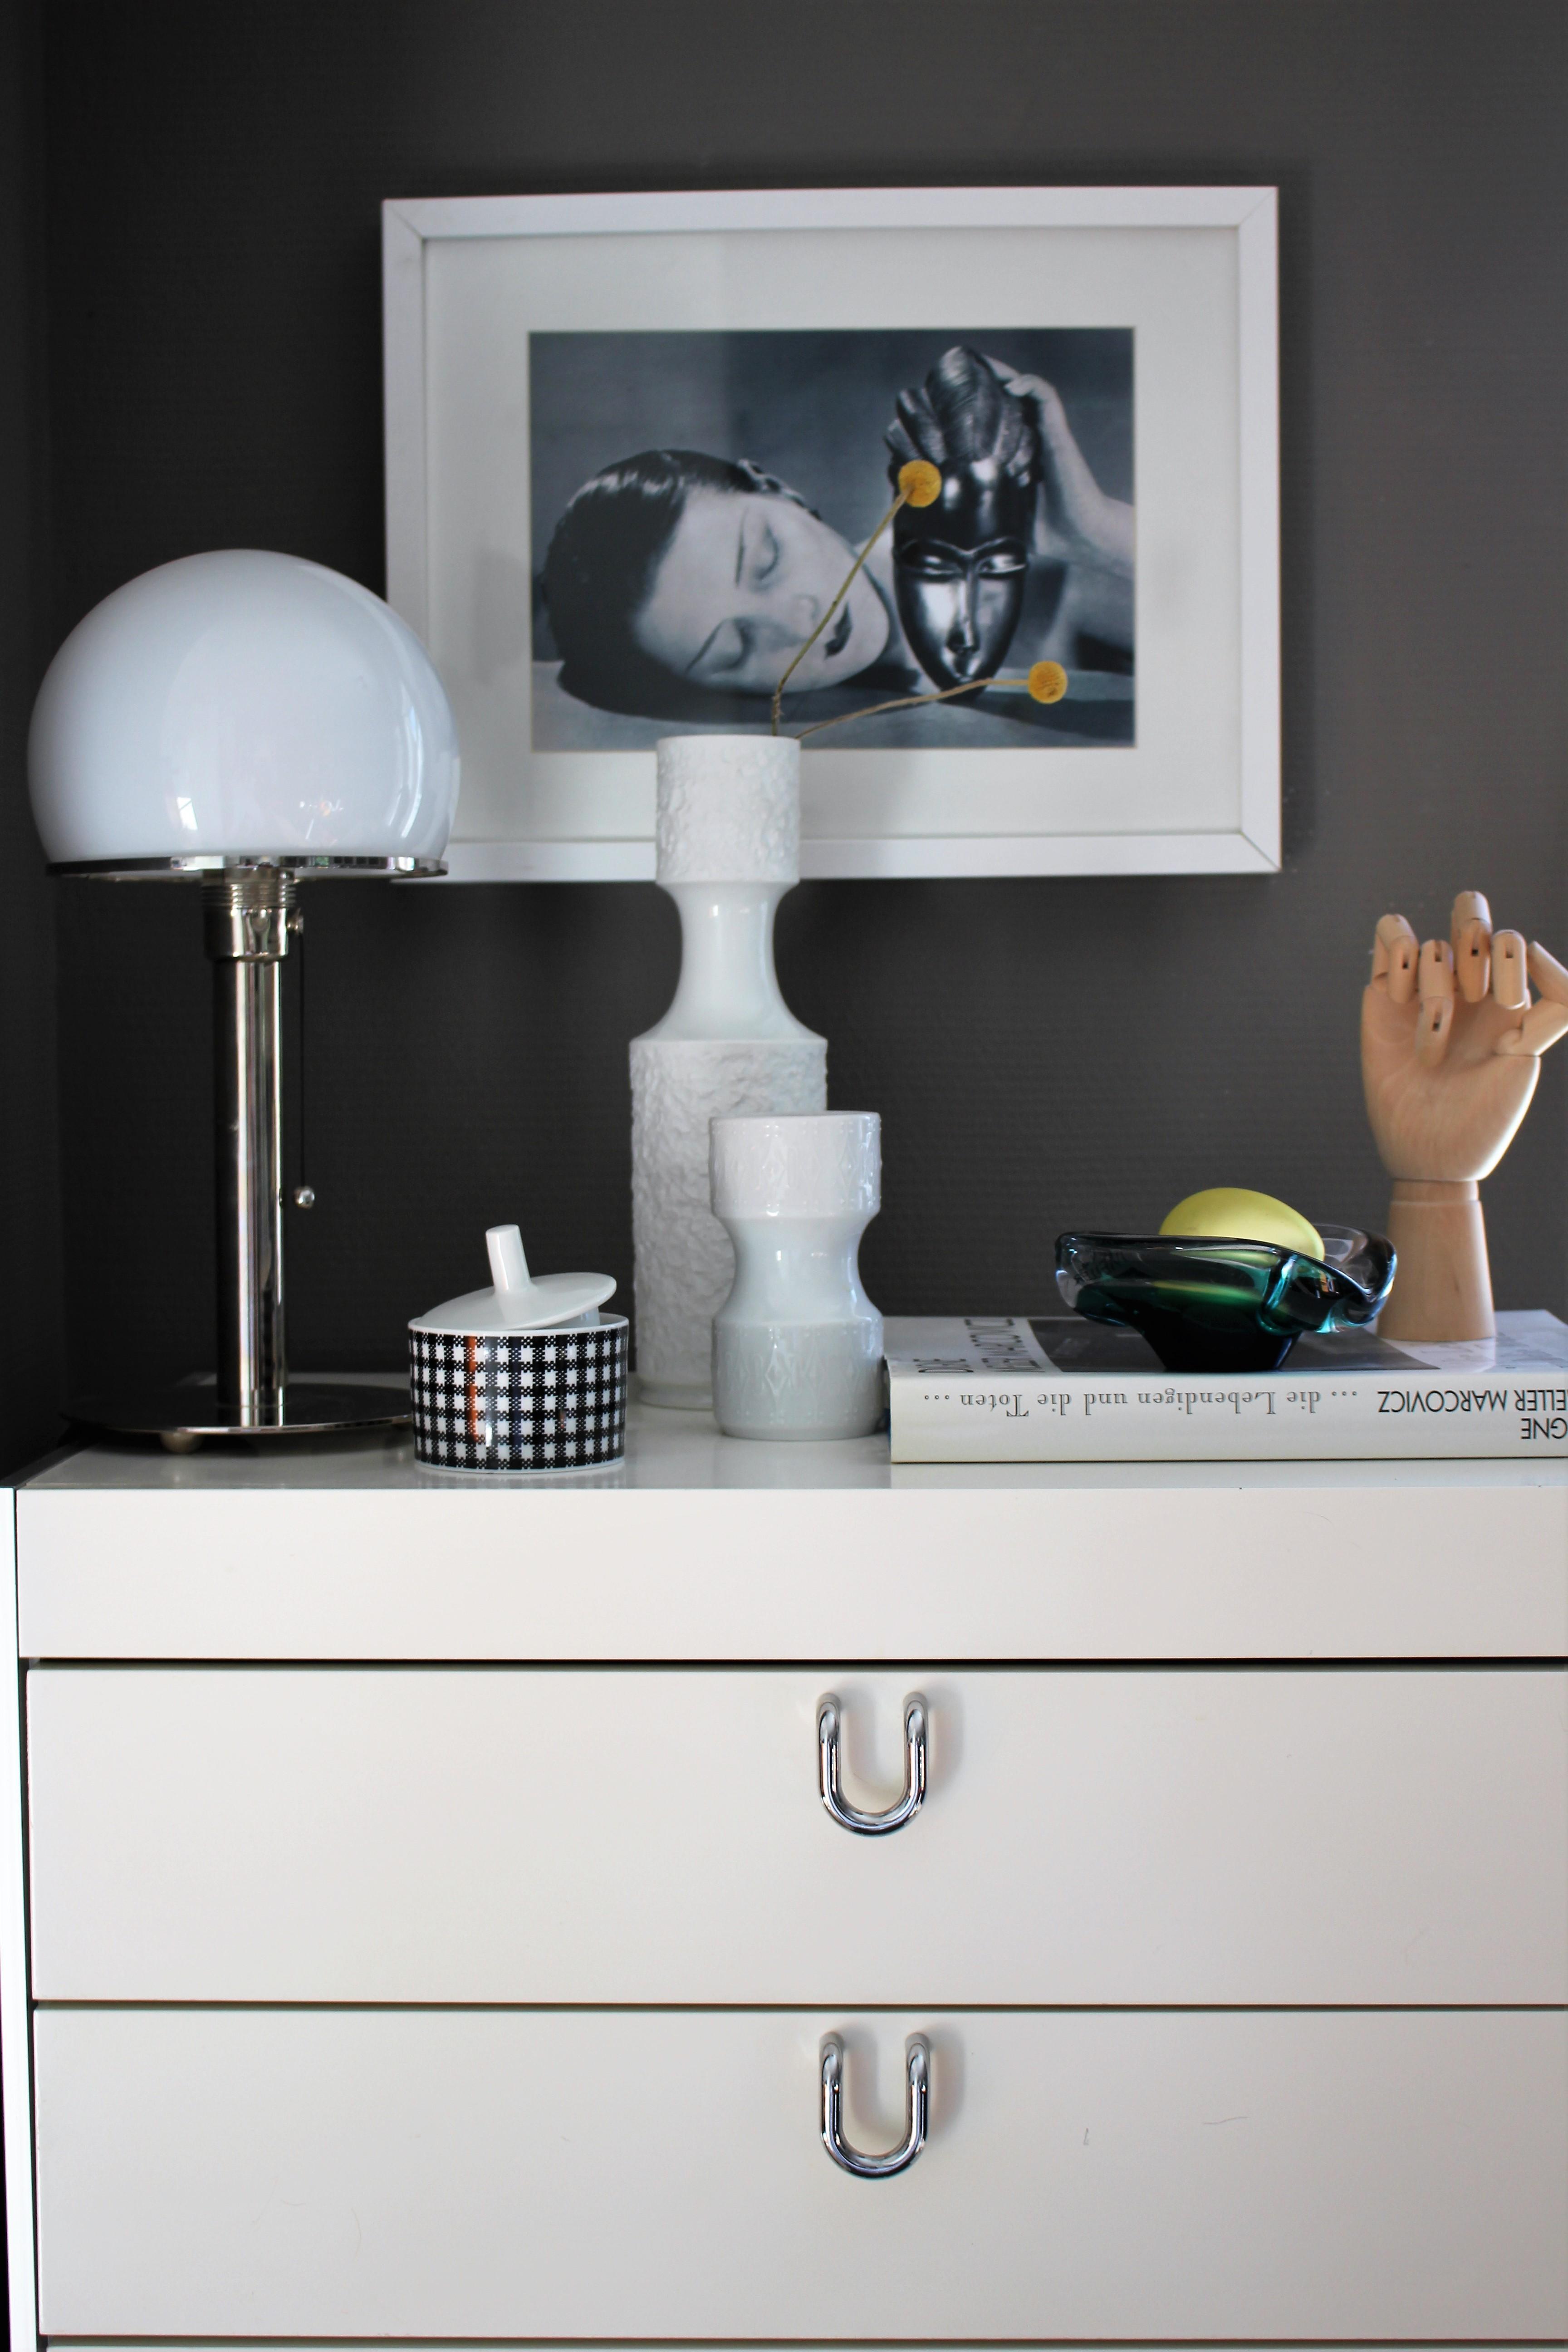 kleines gemeinsames heimbüro schlafzimmer kleines stillleben auf der kommode arbeitszimmer stillleben wagenfeld manray arbeitszimmer einrichten so gehts